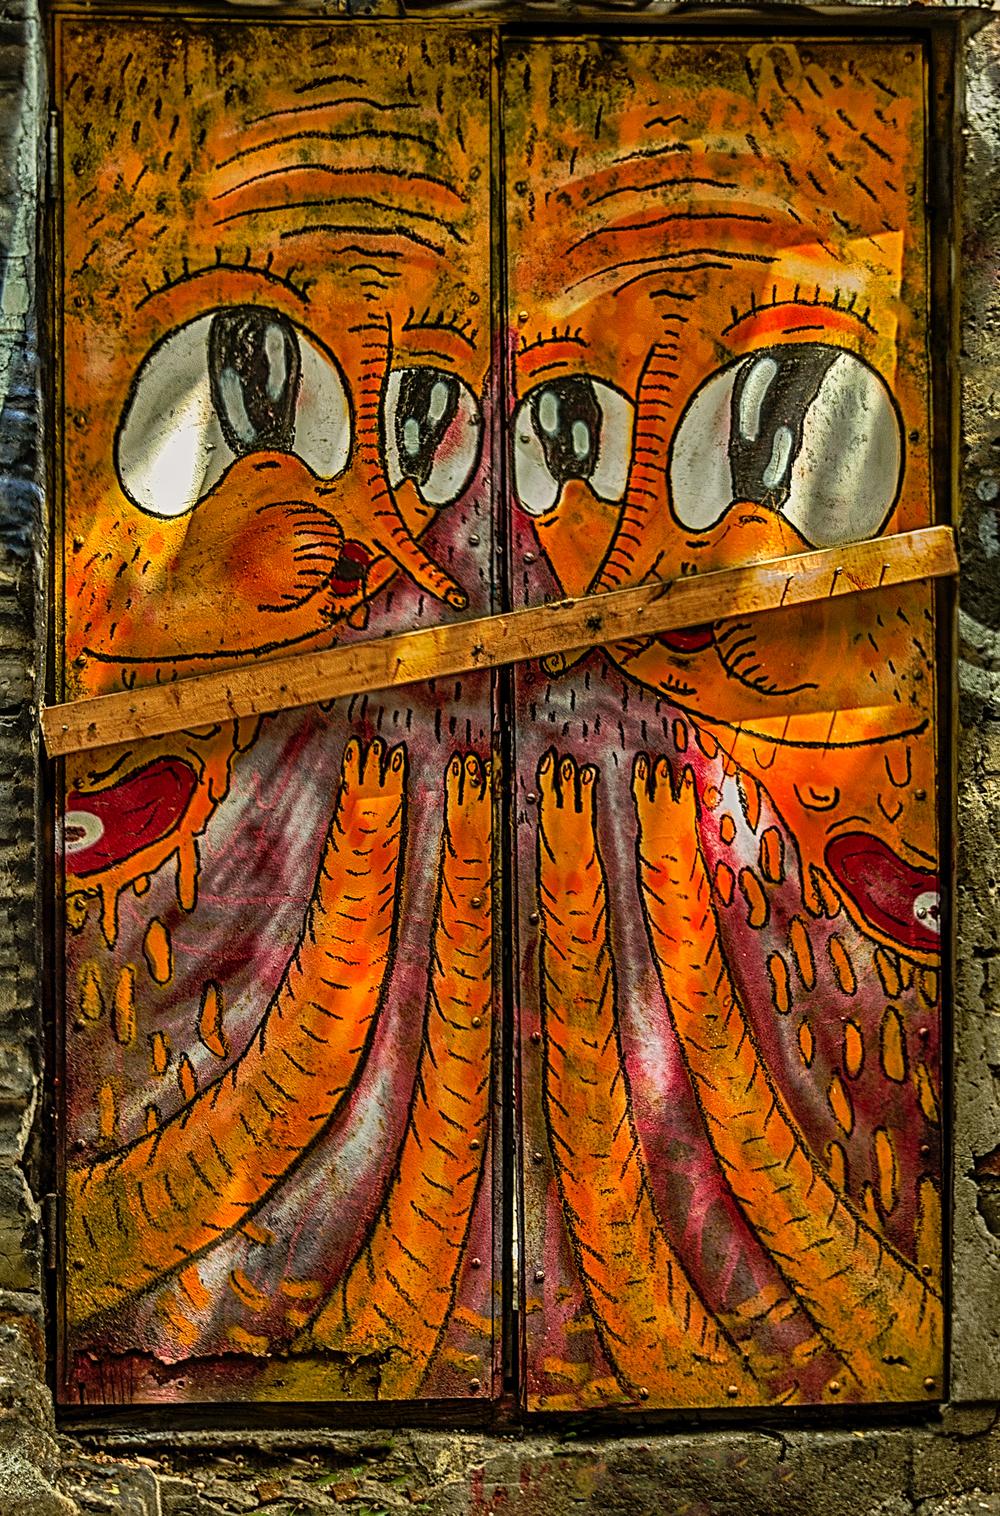 20140614_Publc Art-Mural Festival_IMG_4614_HDR-M.jpg